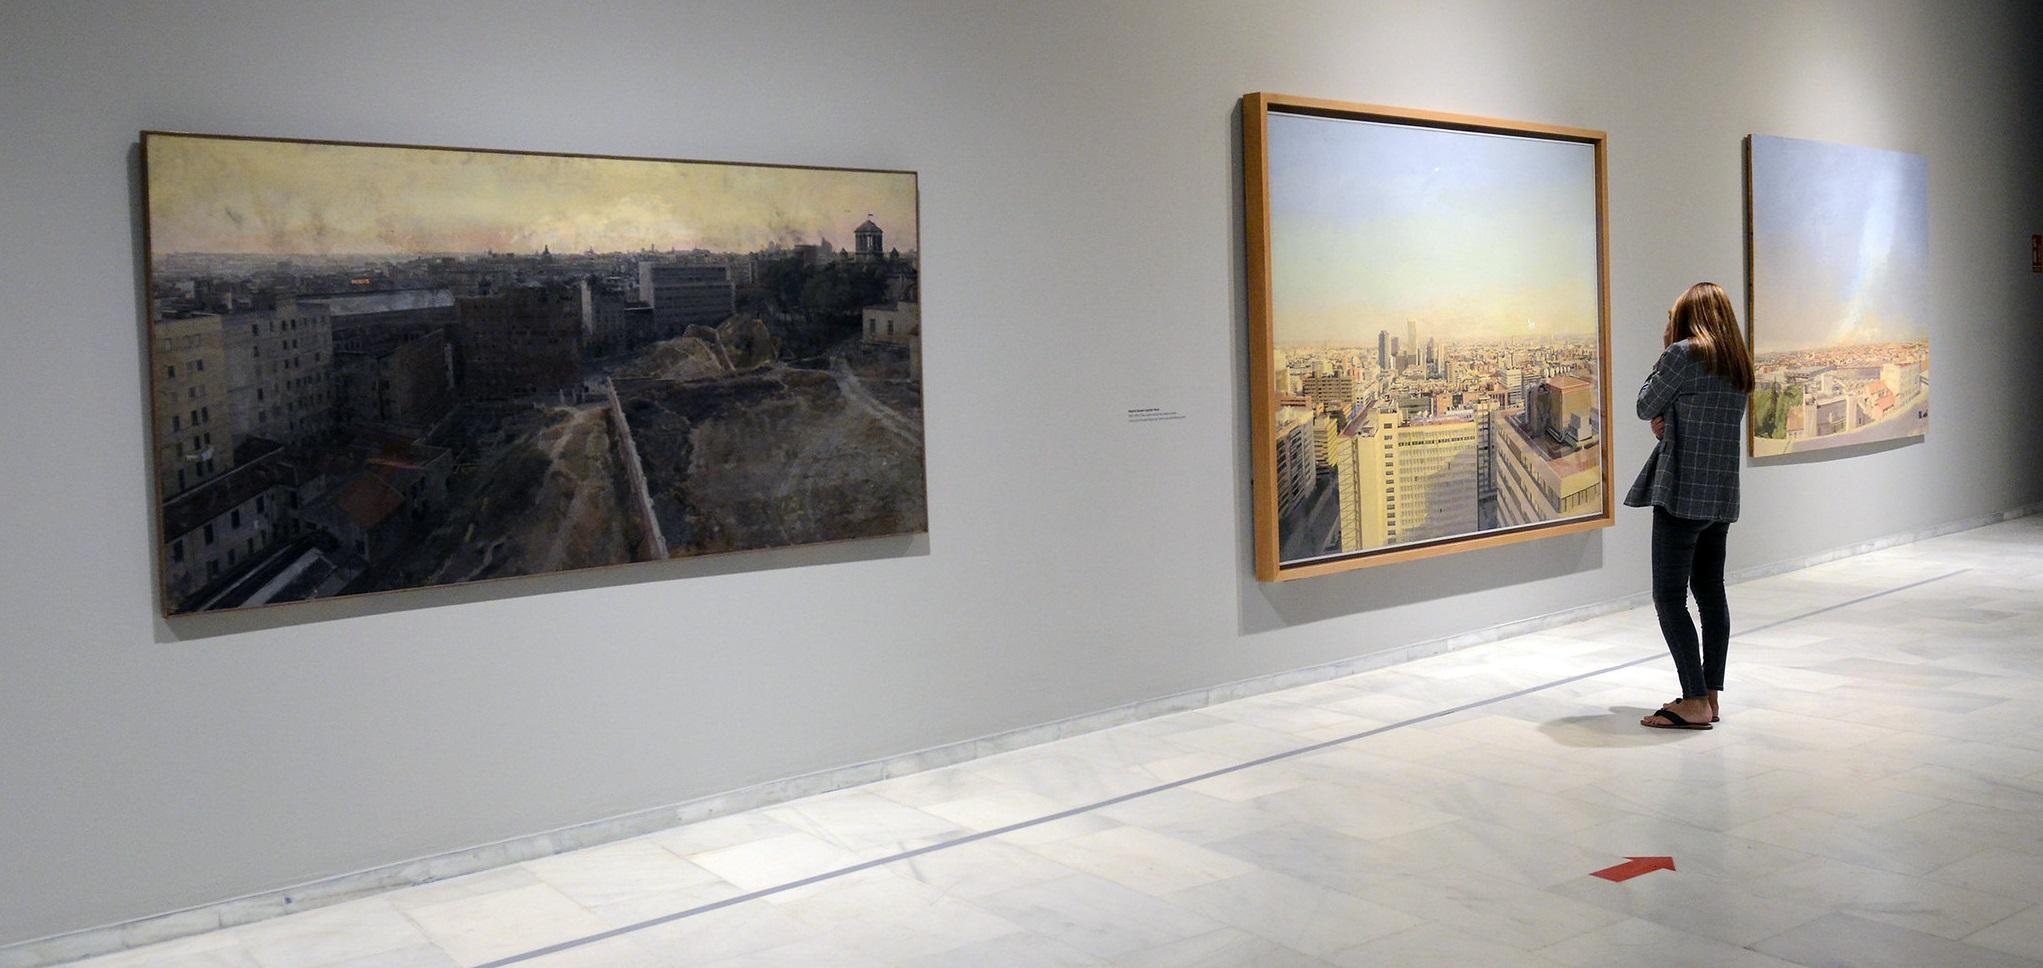 La exposición Antonio López ofrece una completa retrospectiva con un recorrido por la pintura, el dibujo y la escultura del artista desde los años 50 hasta la actualidad.